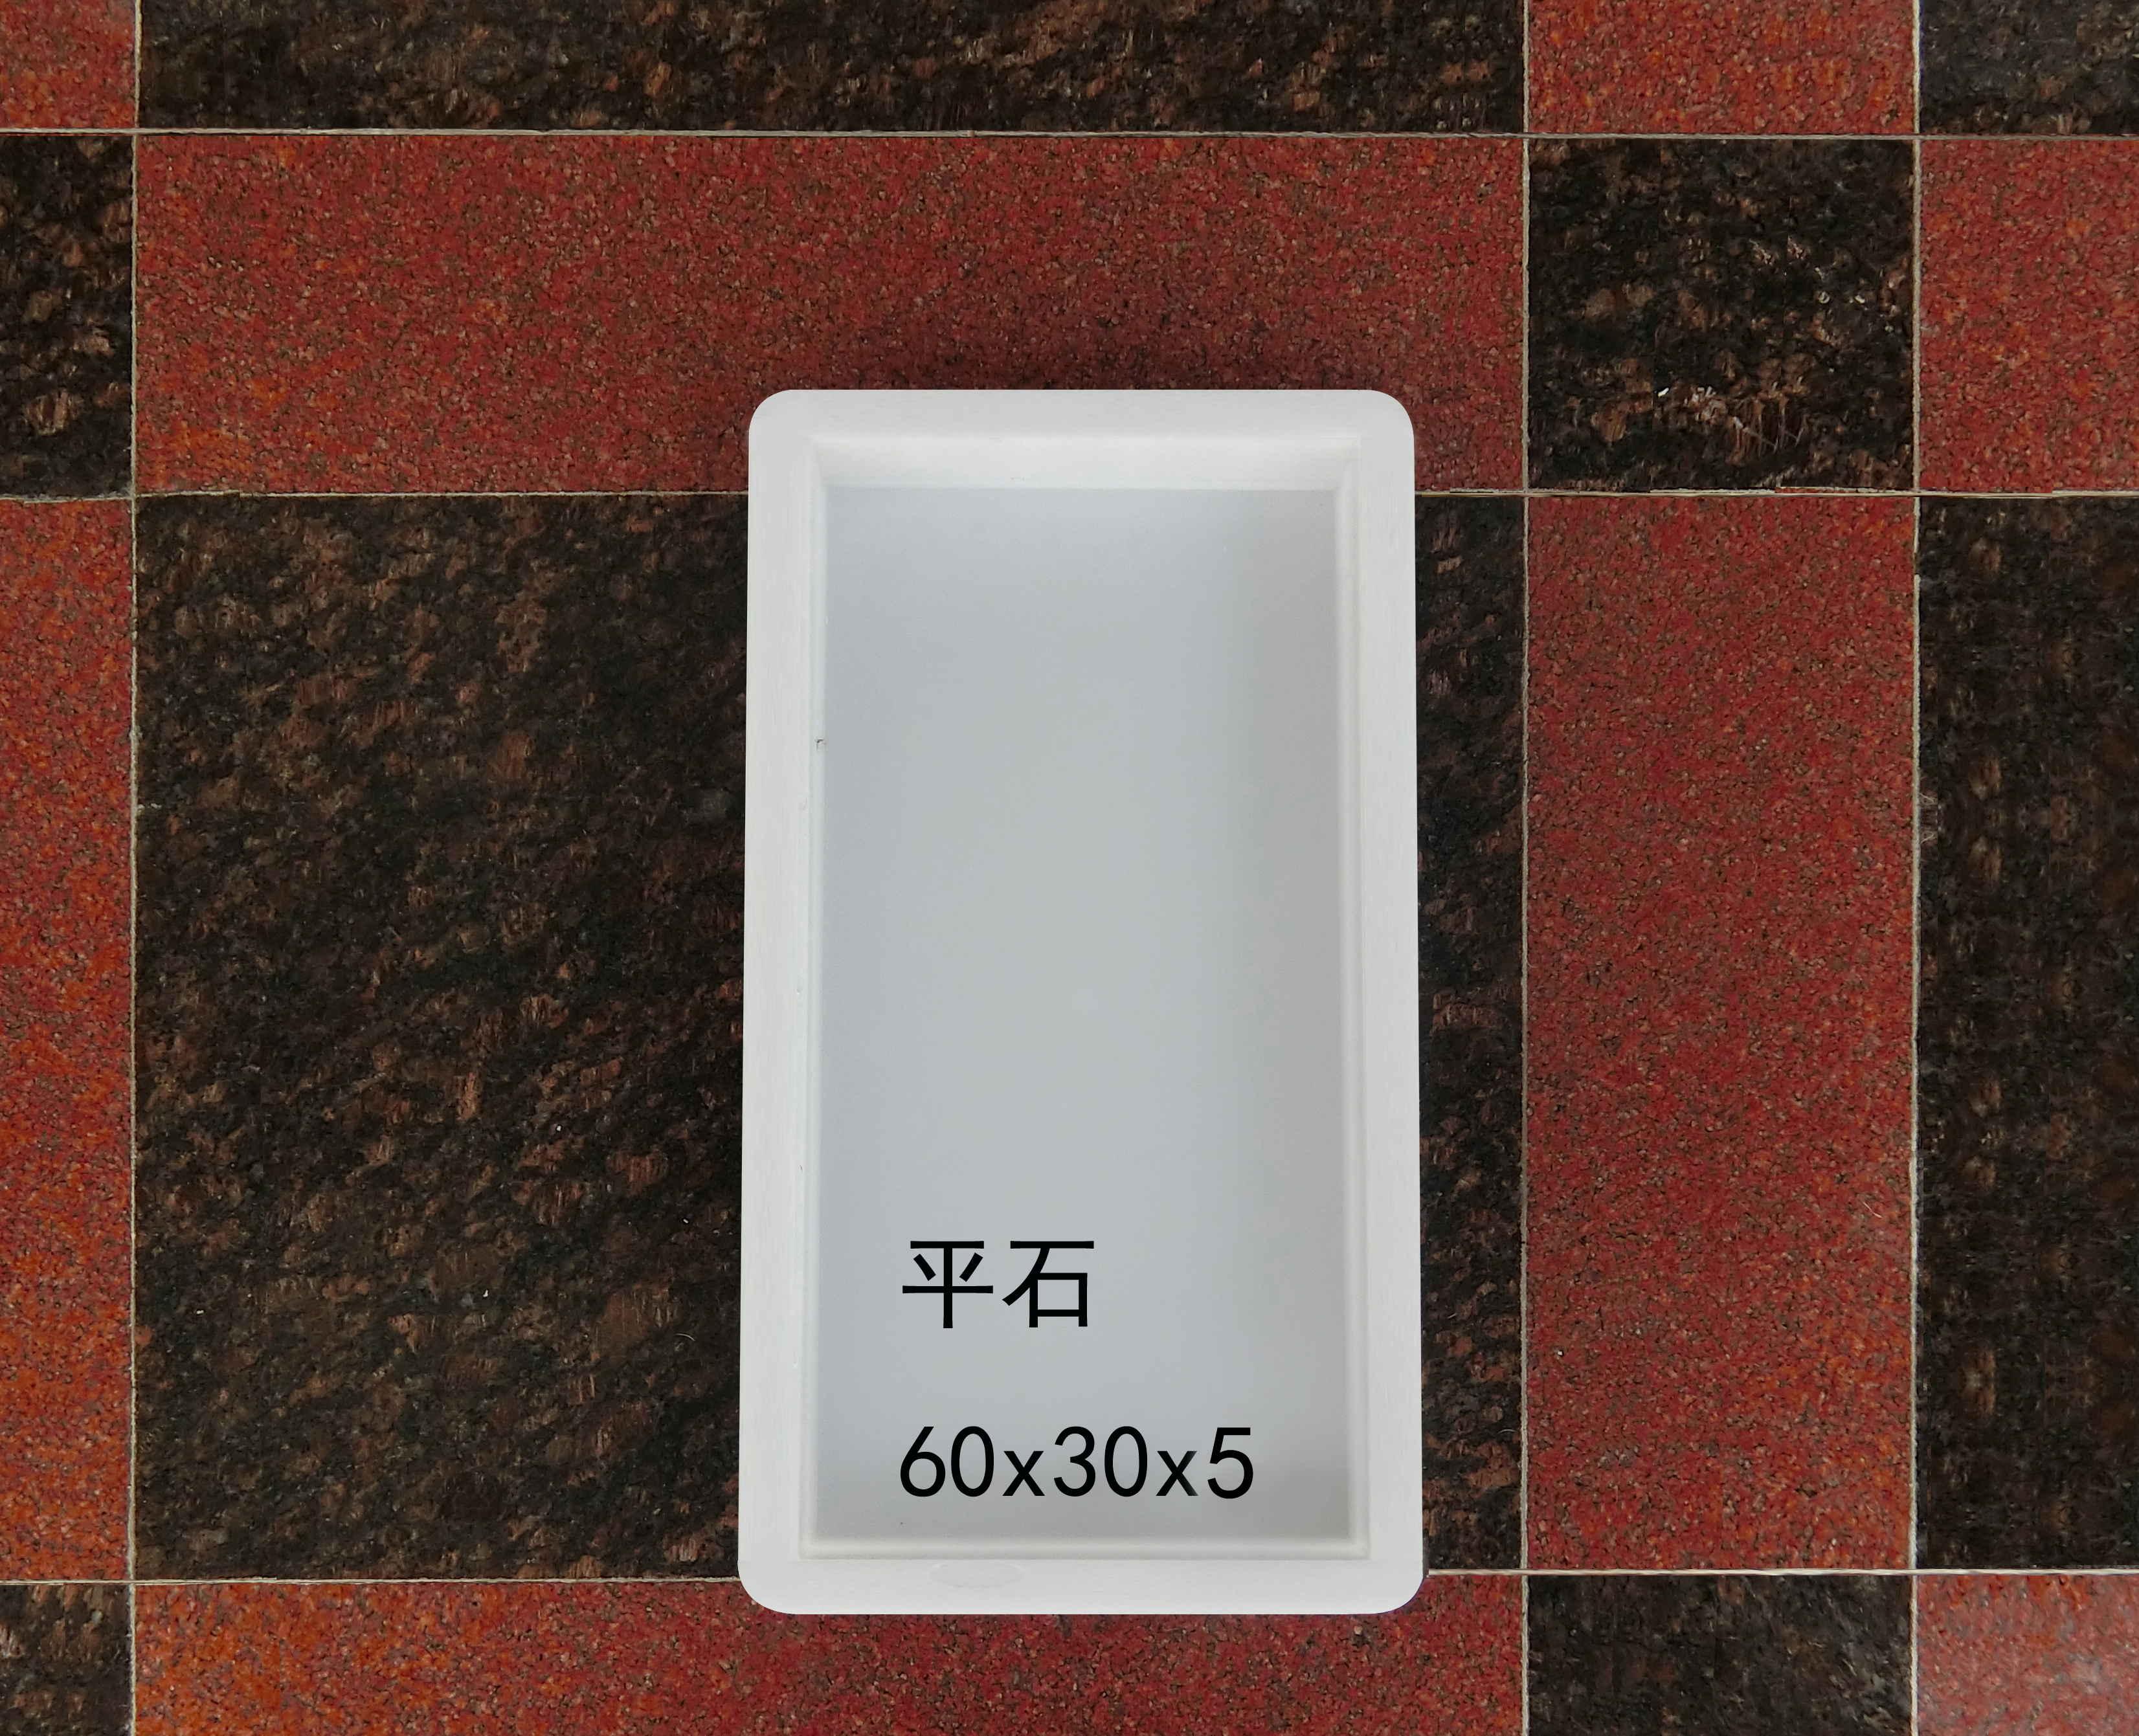 平石:60x30x5